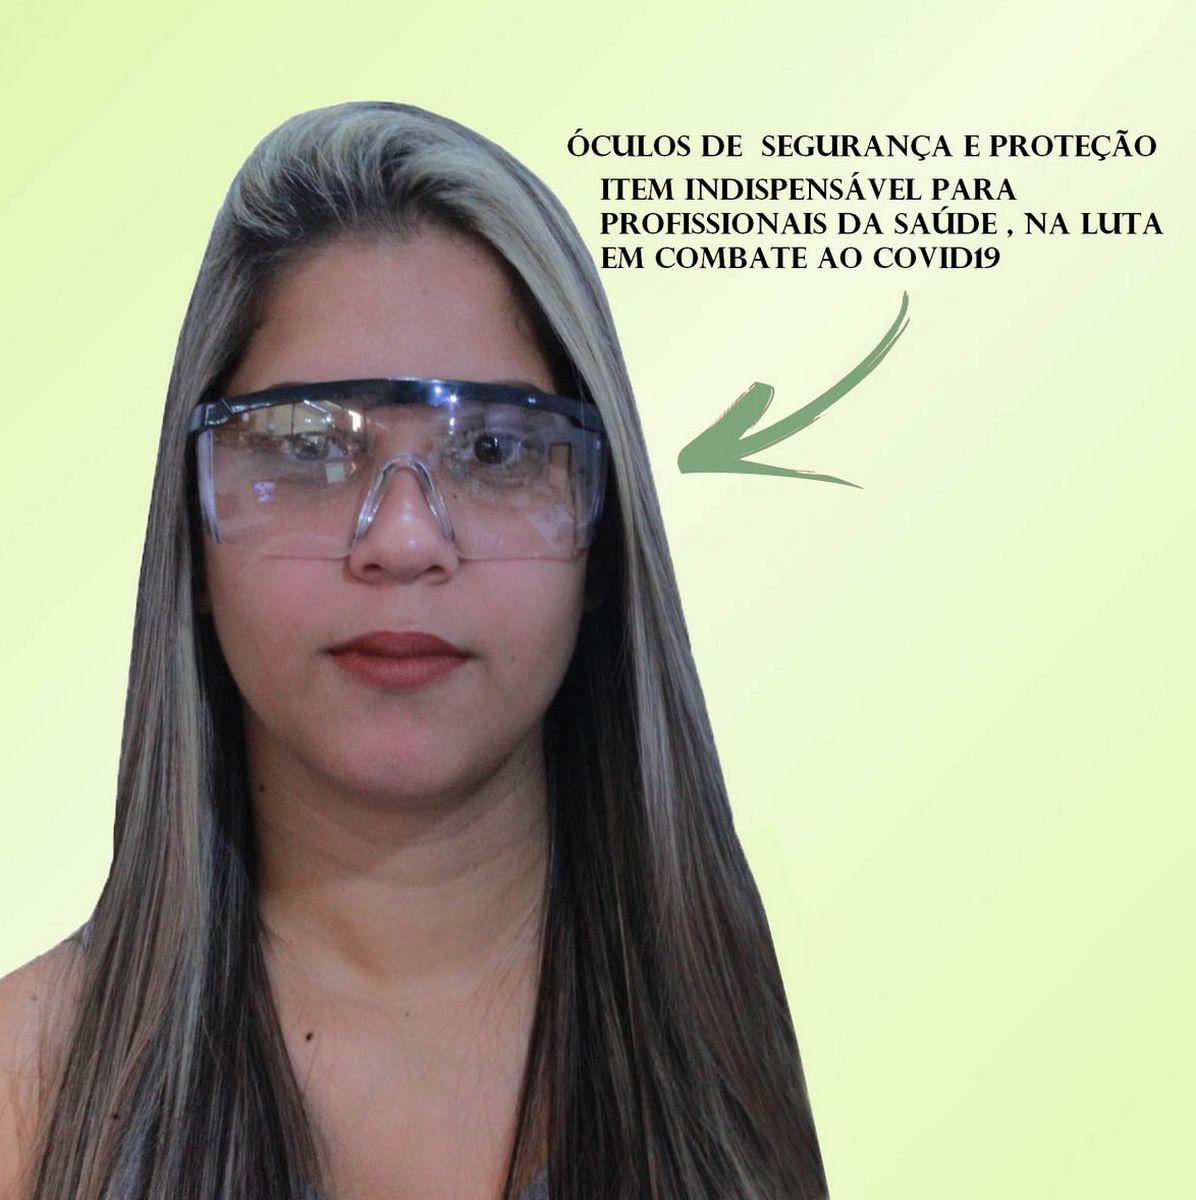 Oculos de Proteção Epi Individual Segurança Rj Incolor Lentes Filtram 99% Da Radiação Uva E Uvb  Regulagem Ajuste 4 Níveis Poli-Ferr